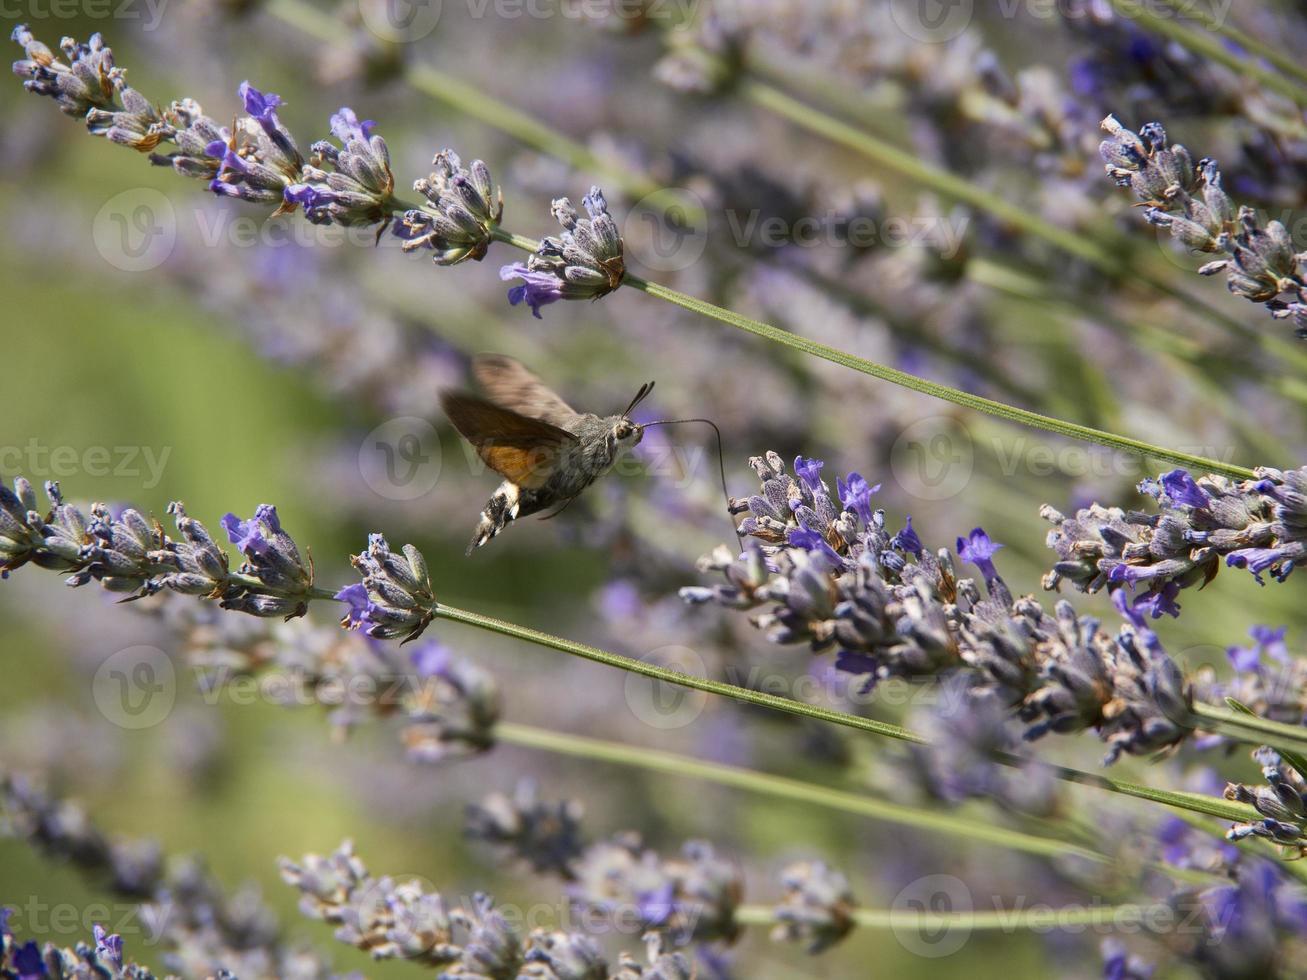 kolibrie vlinder foto